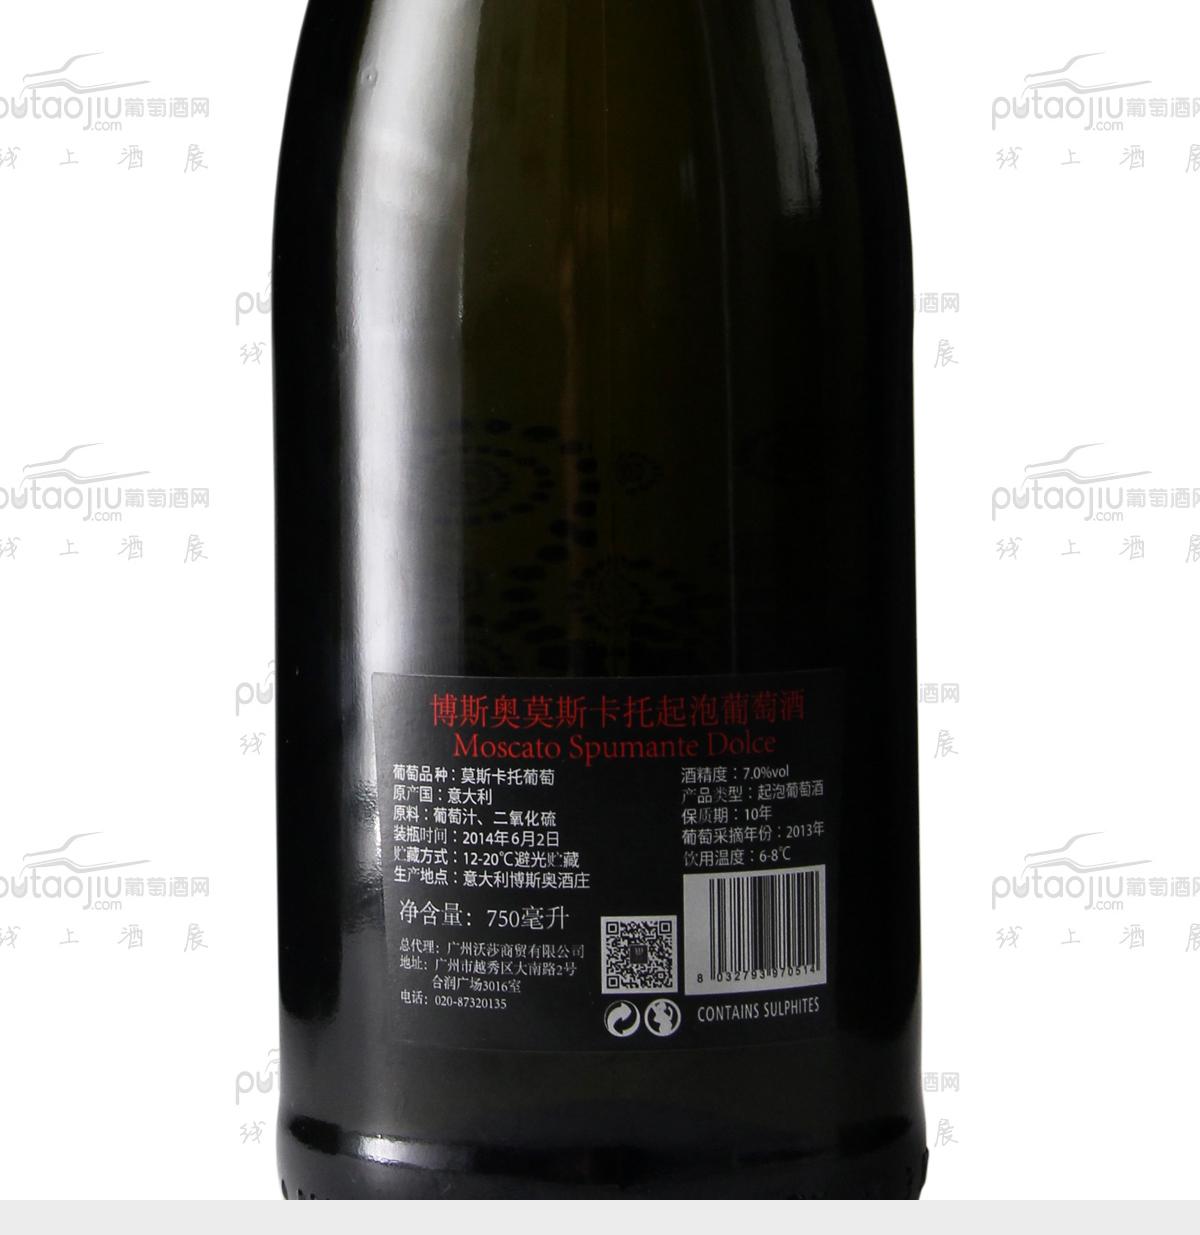 意大利皮埃蒙特博斯奥酒庄ROSIO S.R.L莫斯卡托起泡酒